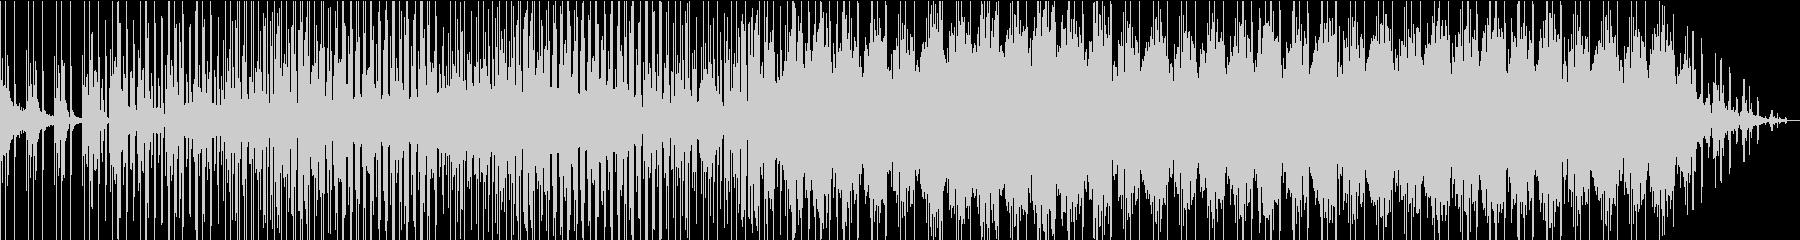 シンセサイザーがメインのゆったりポップスの未再生の波形